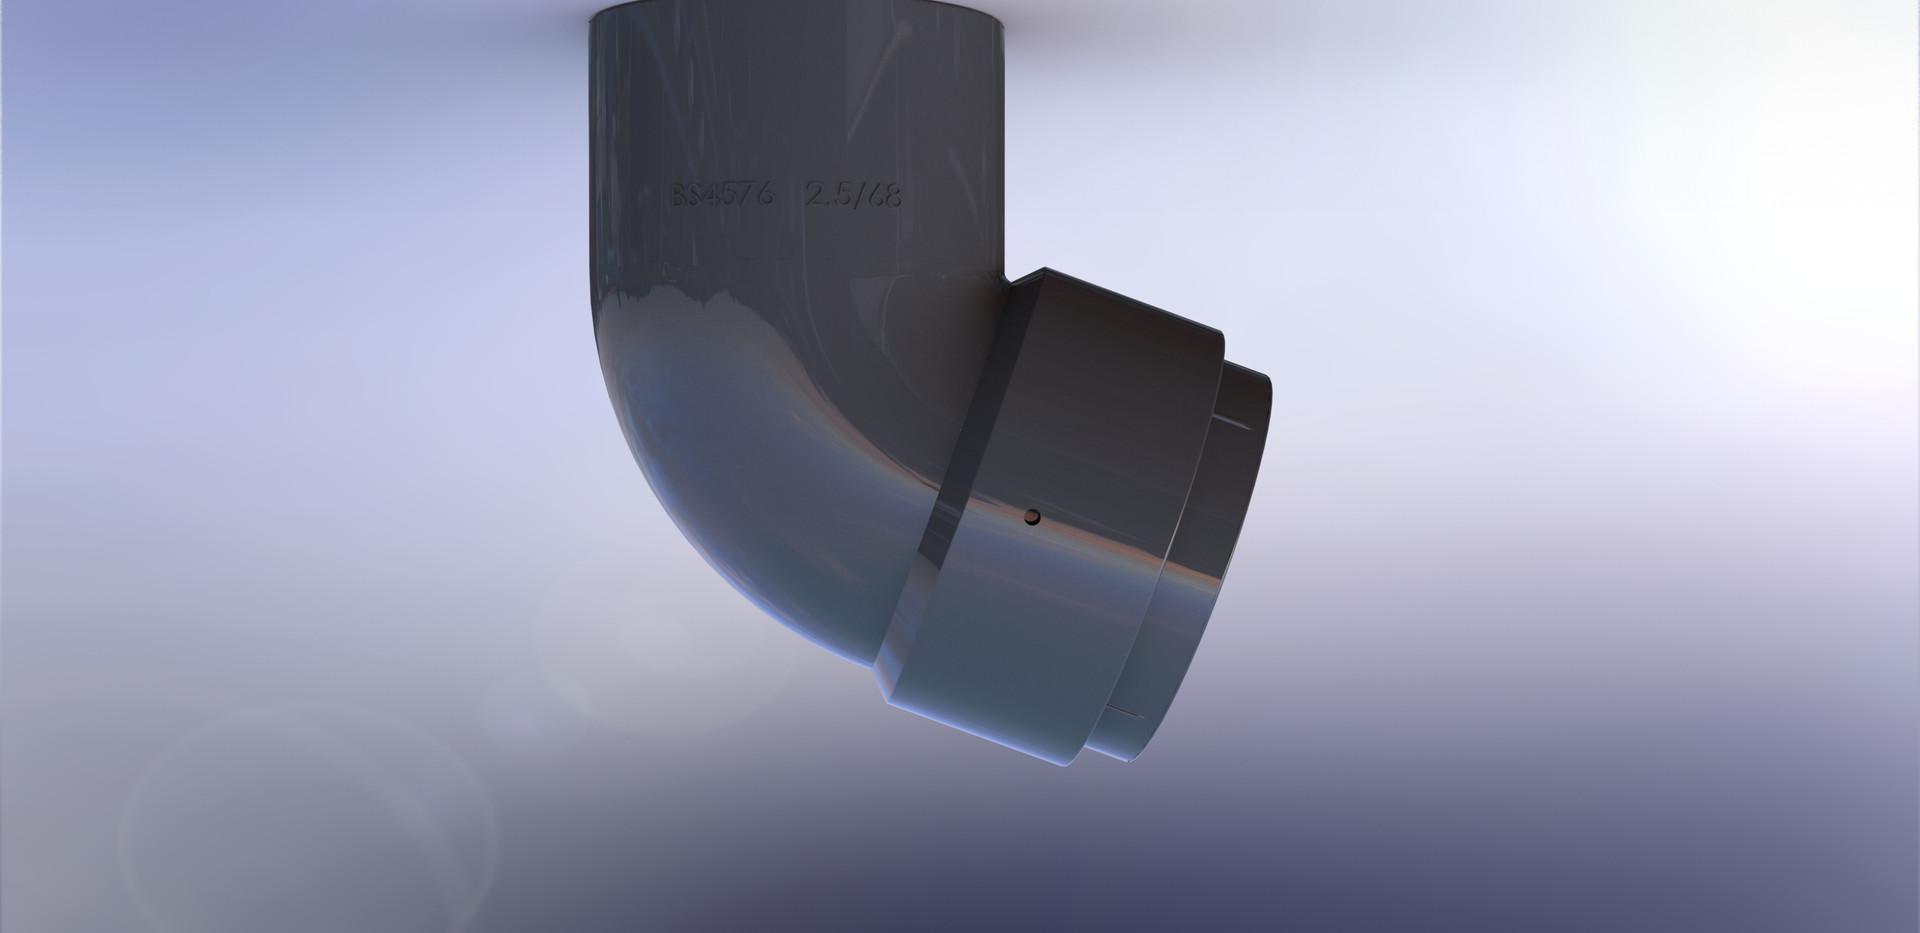 Rain Water Pipe Elbow - Render 004.JPG